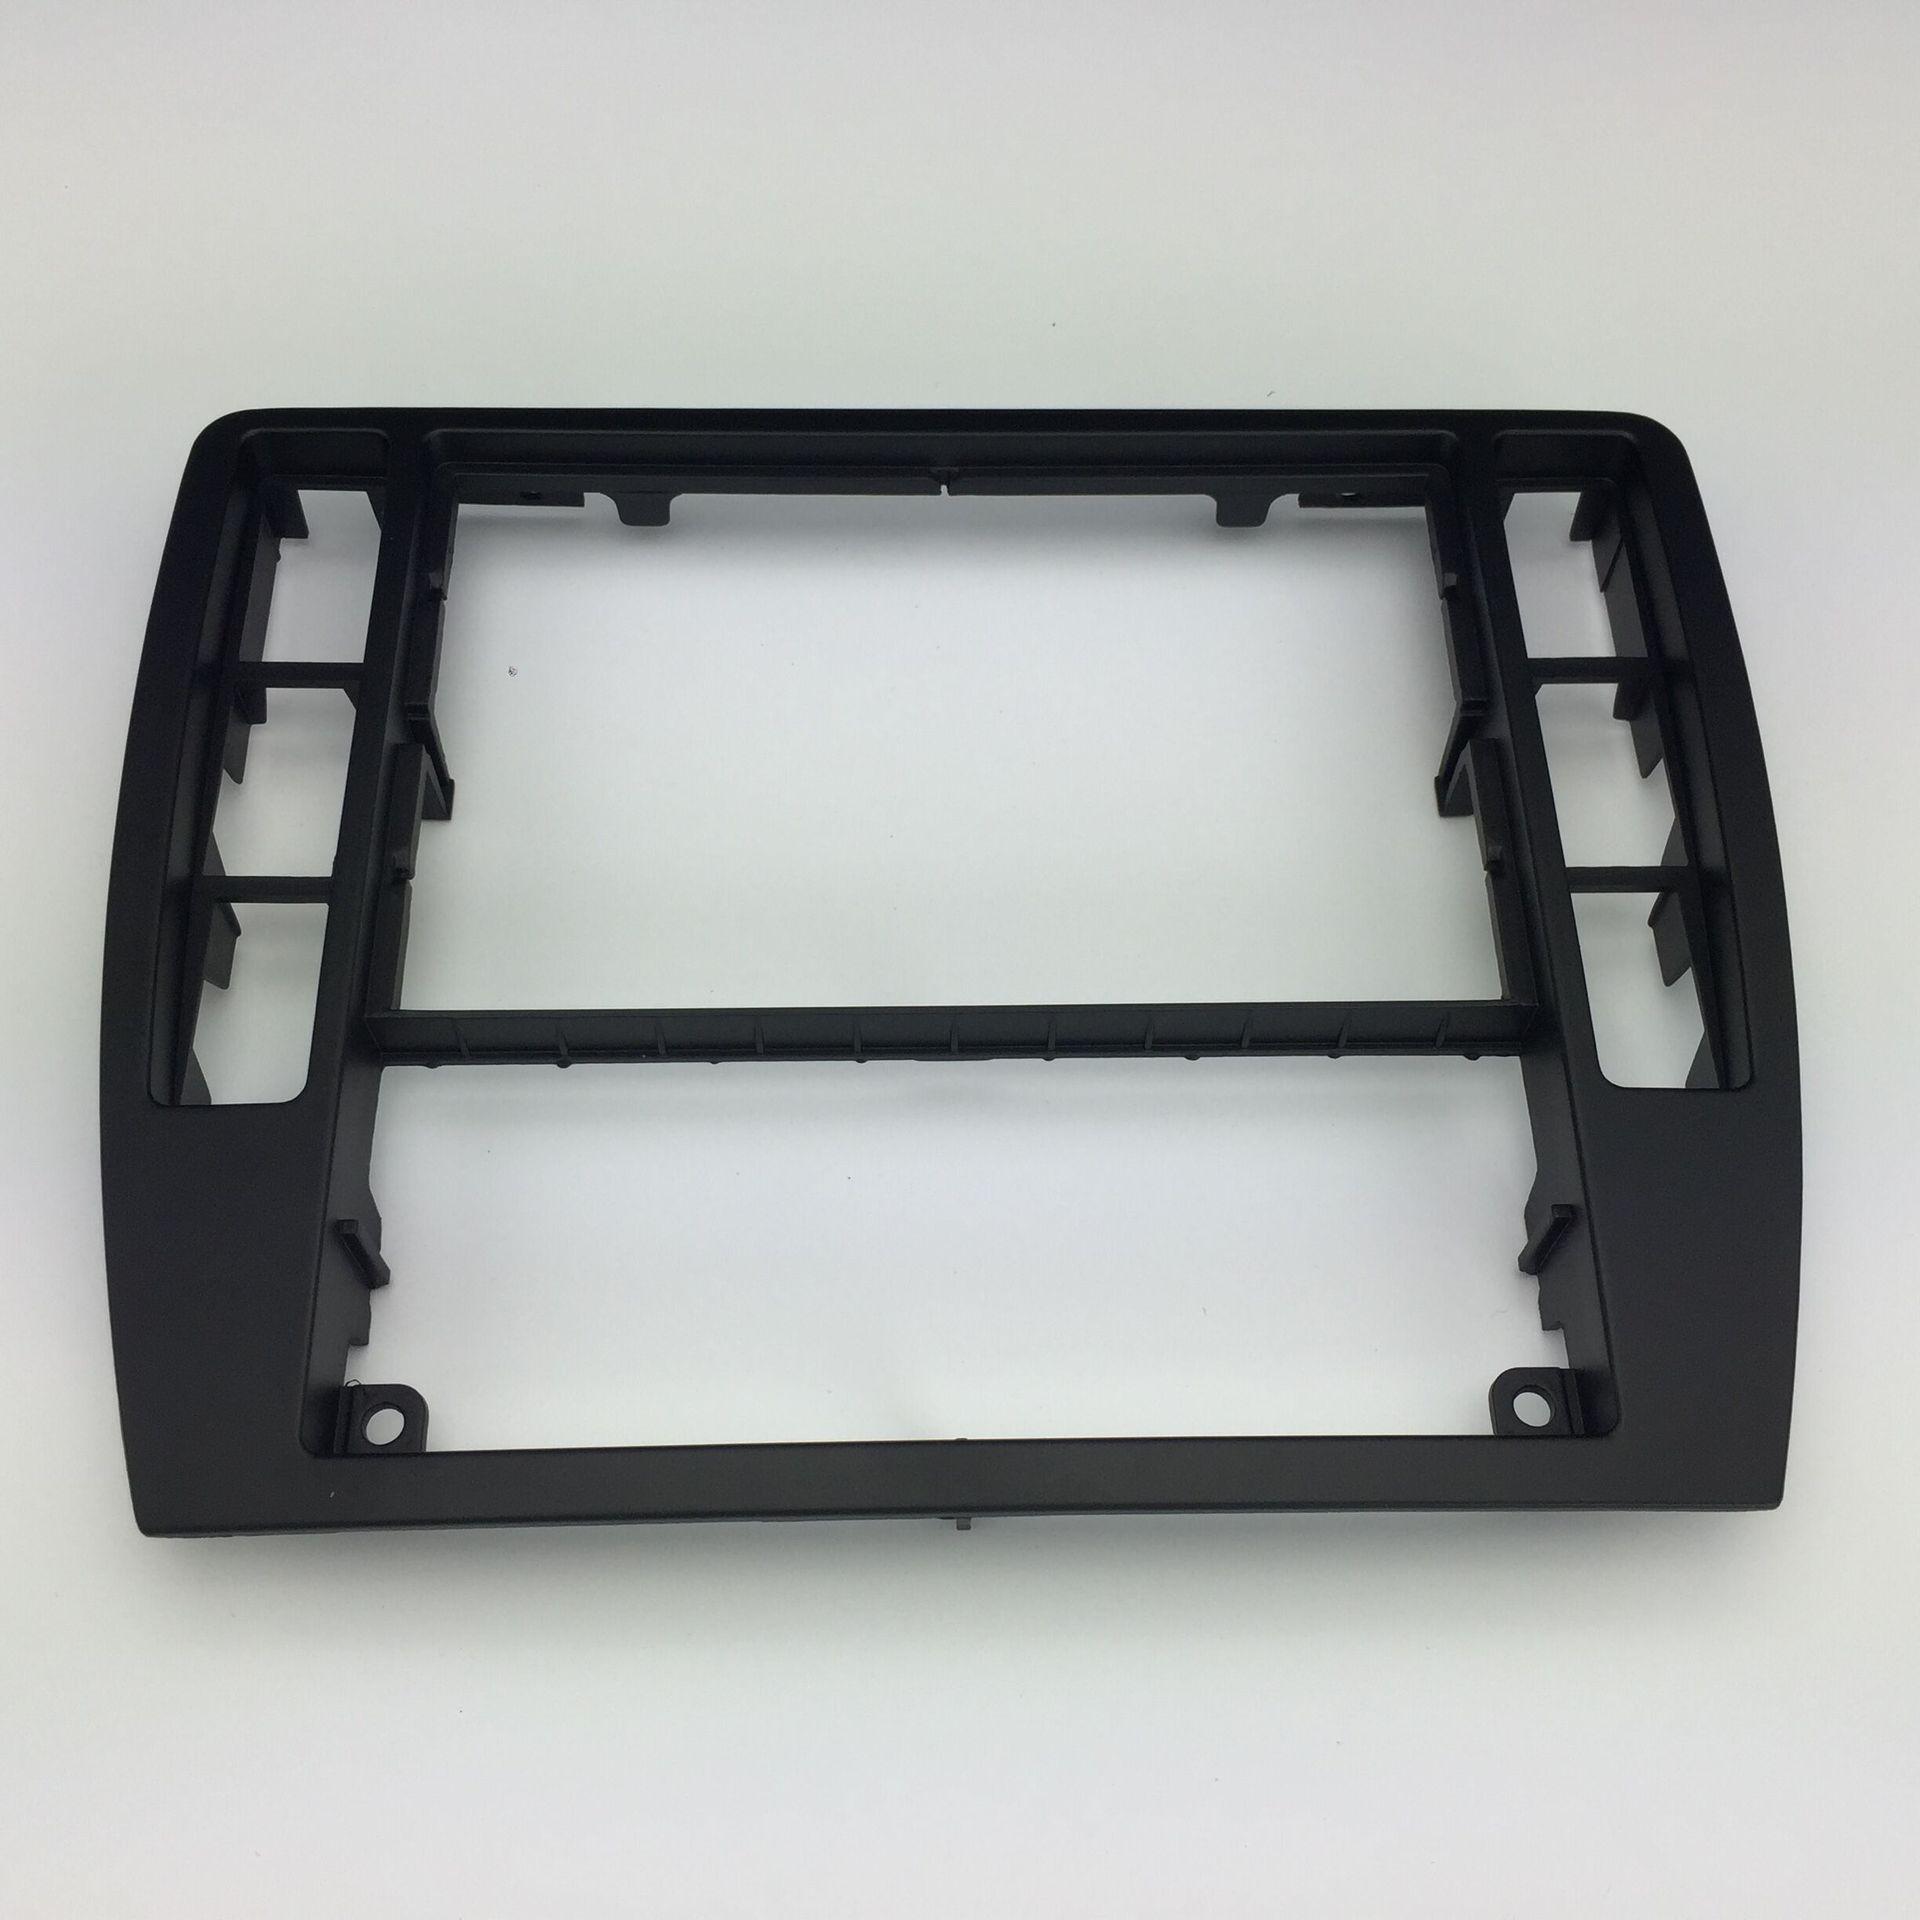 Auto Dash Center Console Trim Lünette Panel Dekorative Rahmen Radio Gesicht Rahmen für VW PASSAT B5 01-05 3B0 858 069 Auto Zubehör